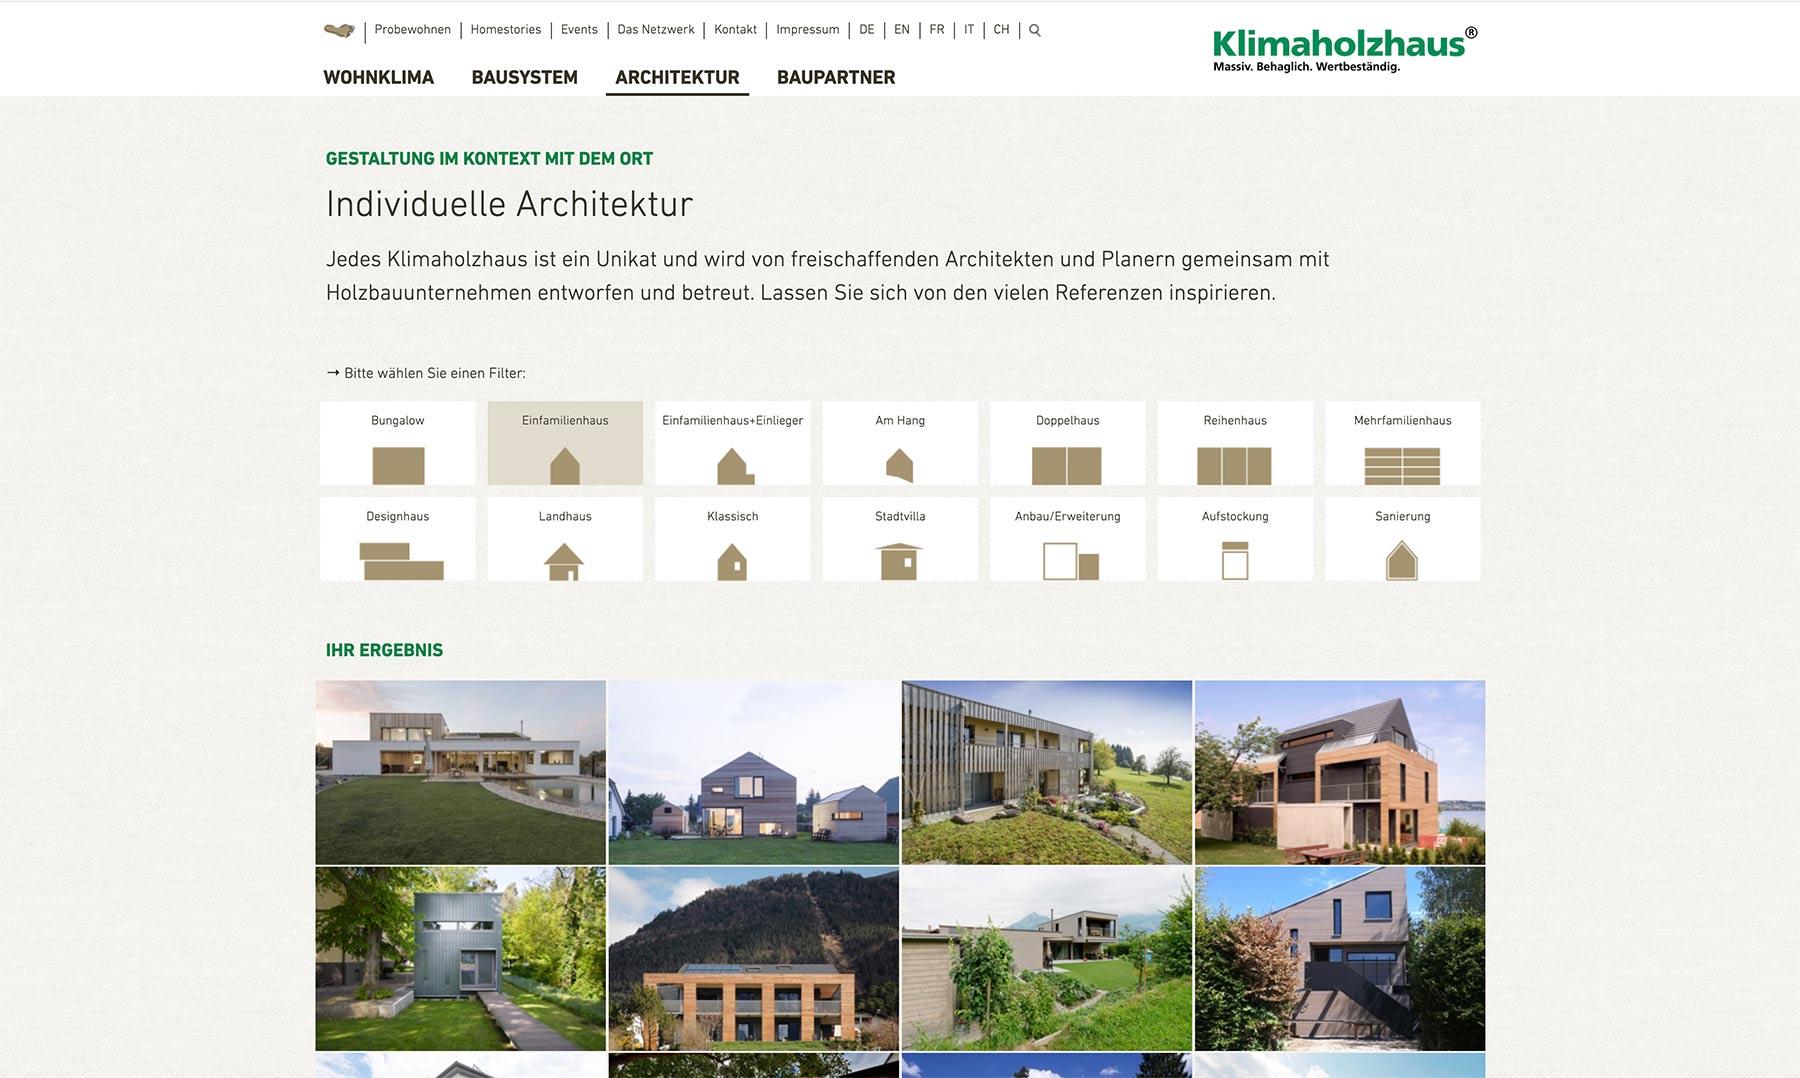 Klimaholzhaus Webseite Typo3 Basis  Screendesign  Häusersuche